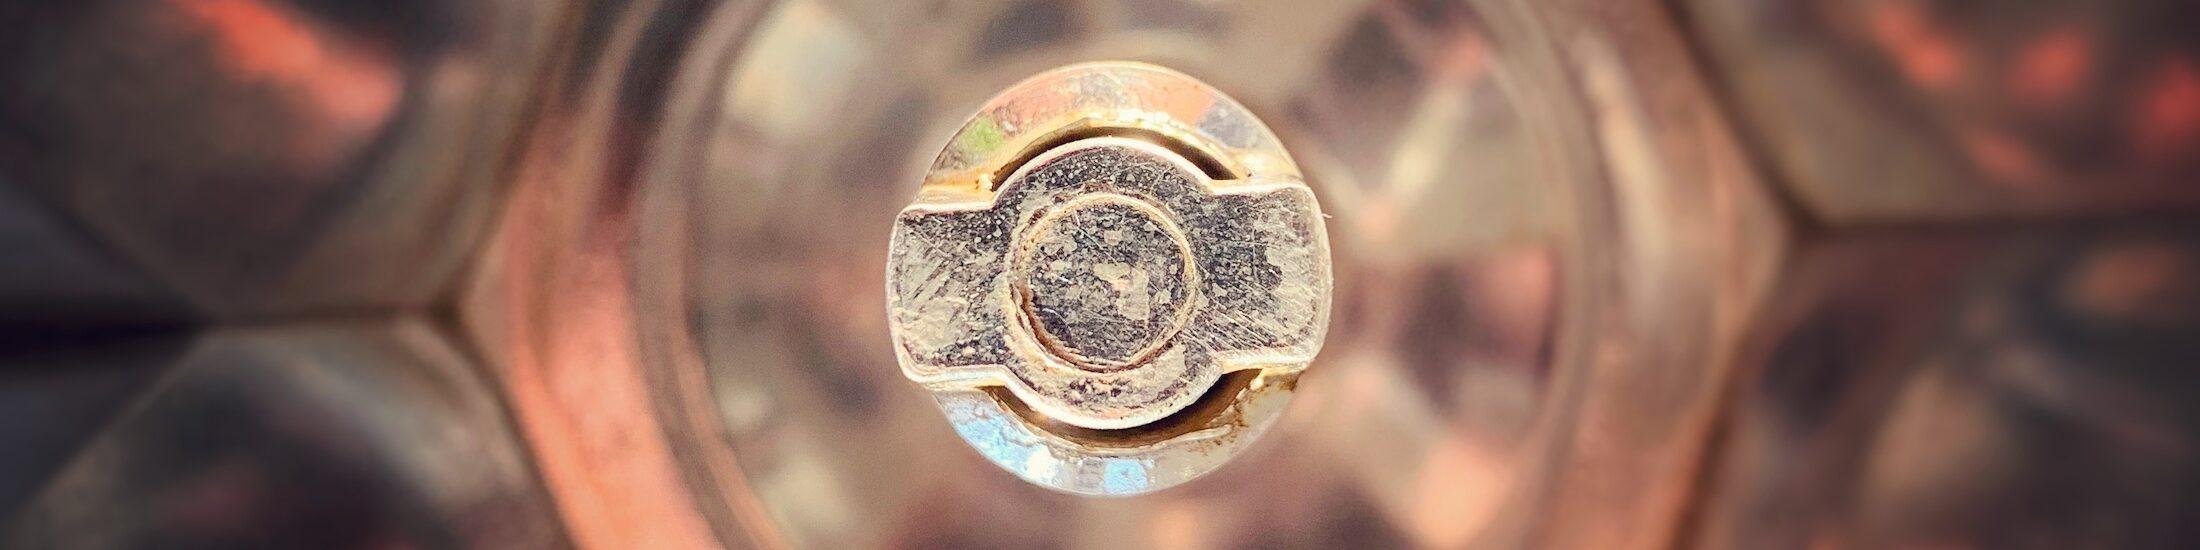 Das Innere eines Mokka Pots. um guten Kaffee zu machen, sollte es sauber sein.